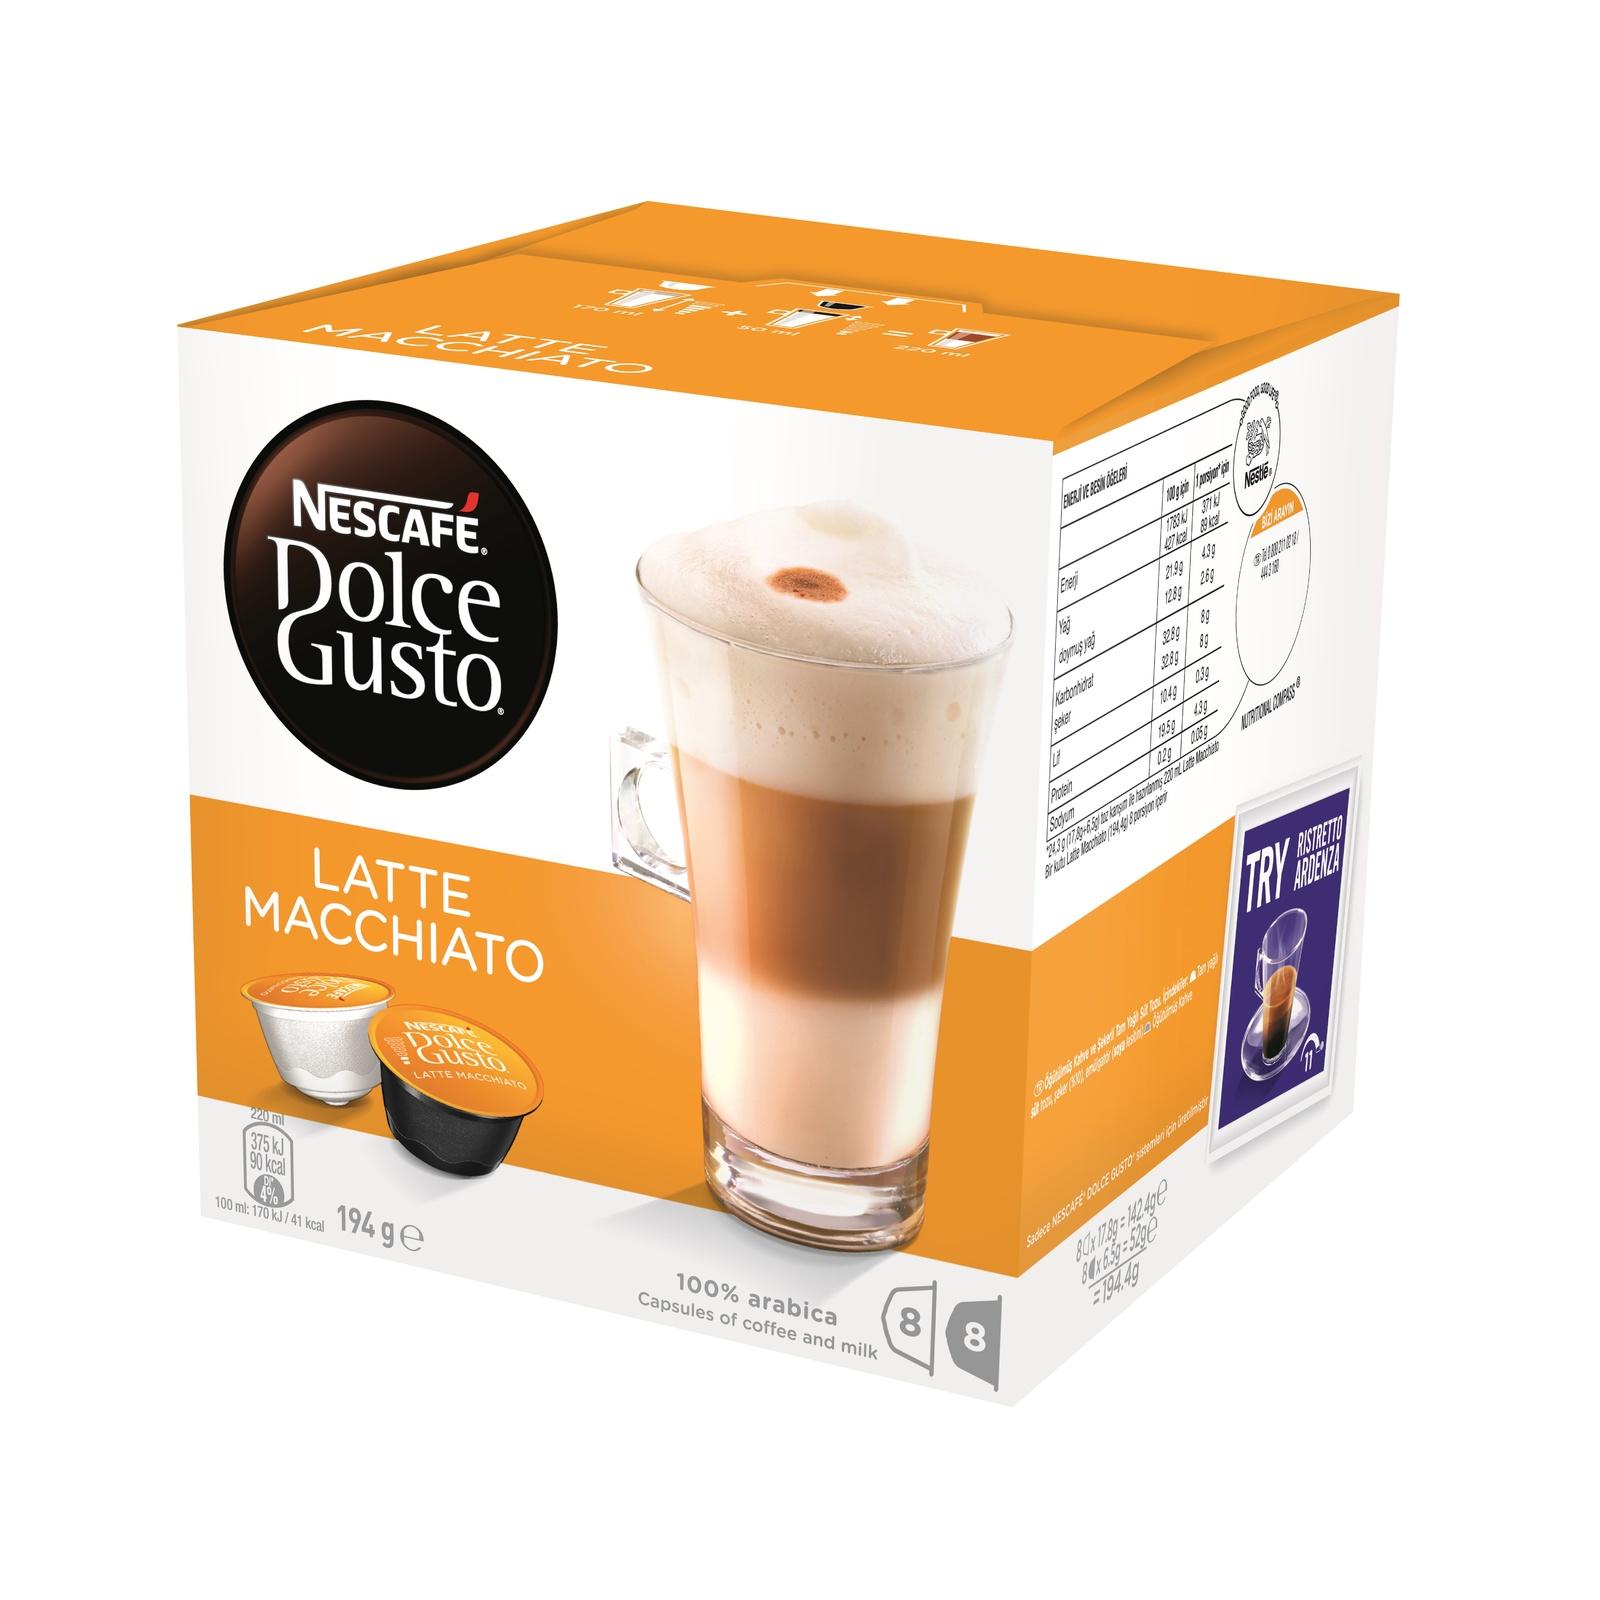 Nescafe Dolce Gusto (Latte Macchiato, 8pk) image